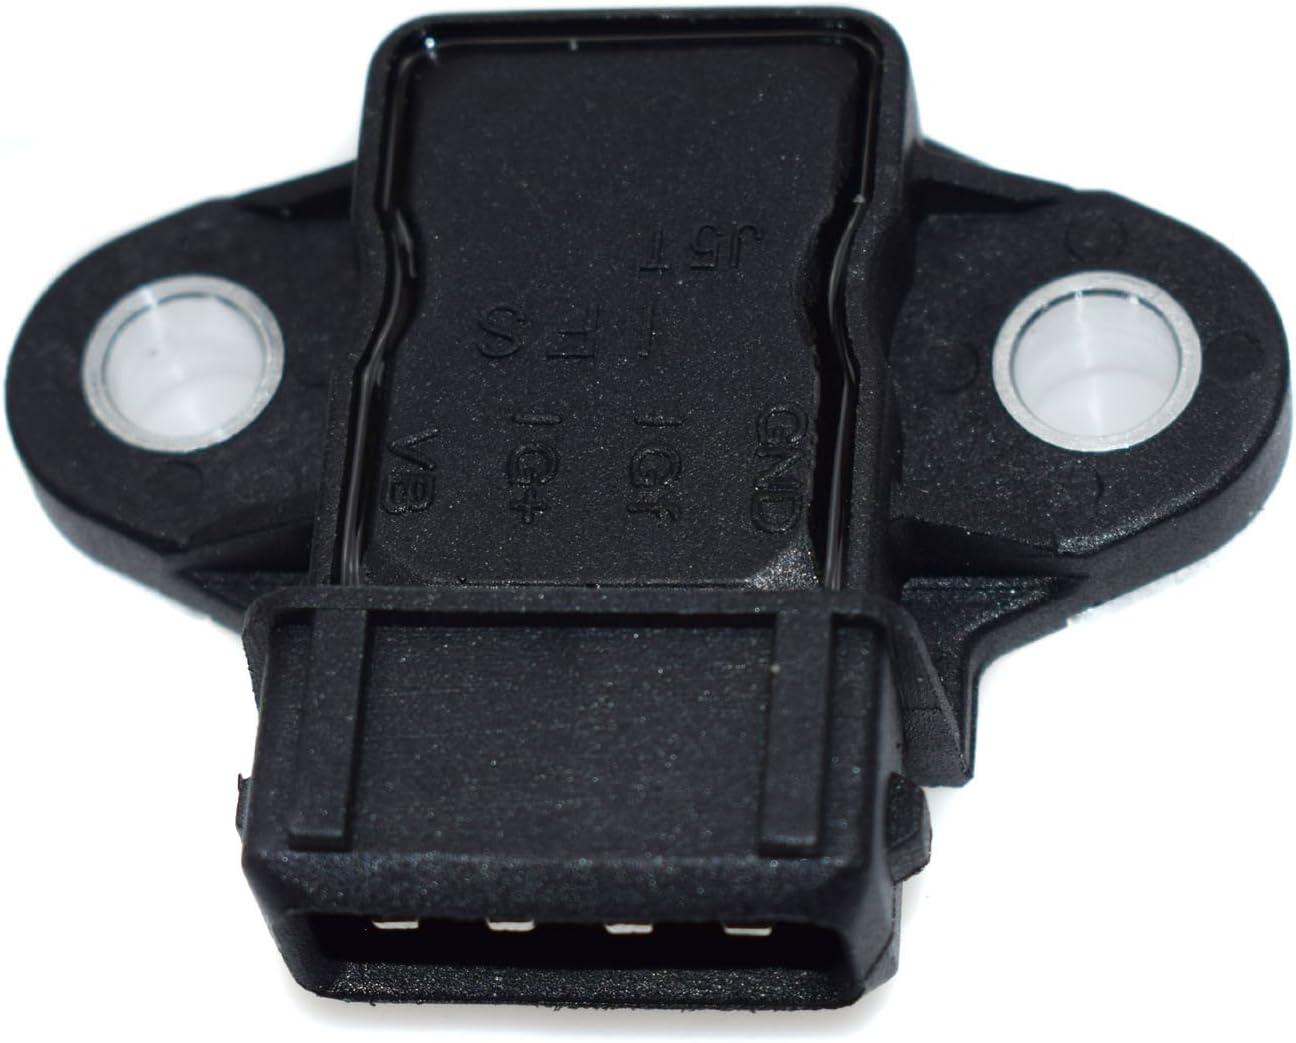 Ignition Failure Max 89% OFF Misfire Sensor 2737038000 5% OFF NEW Hyundai Fits Kia